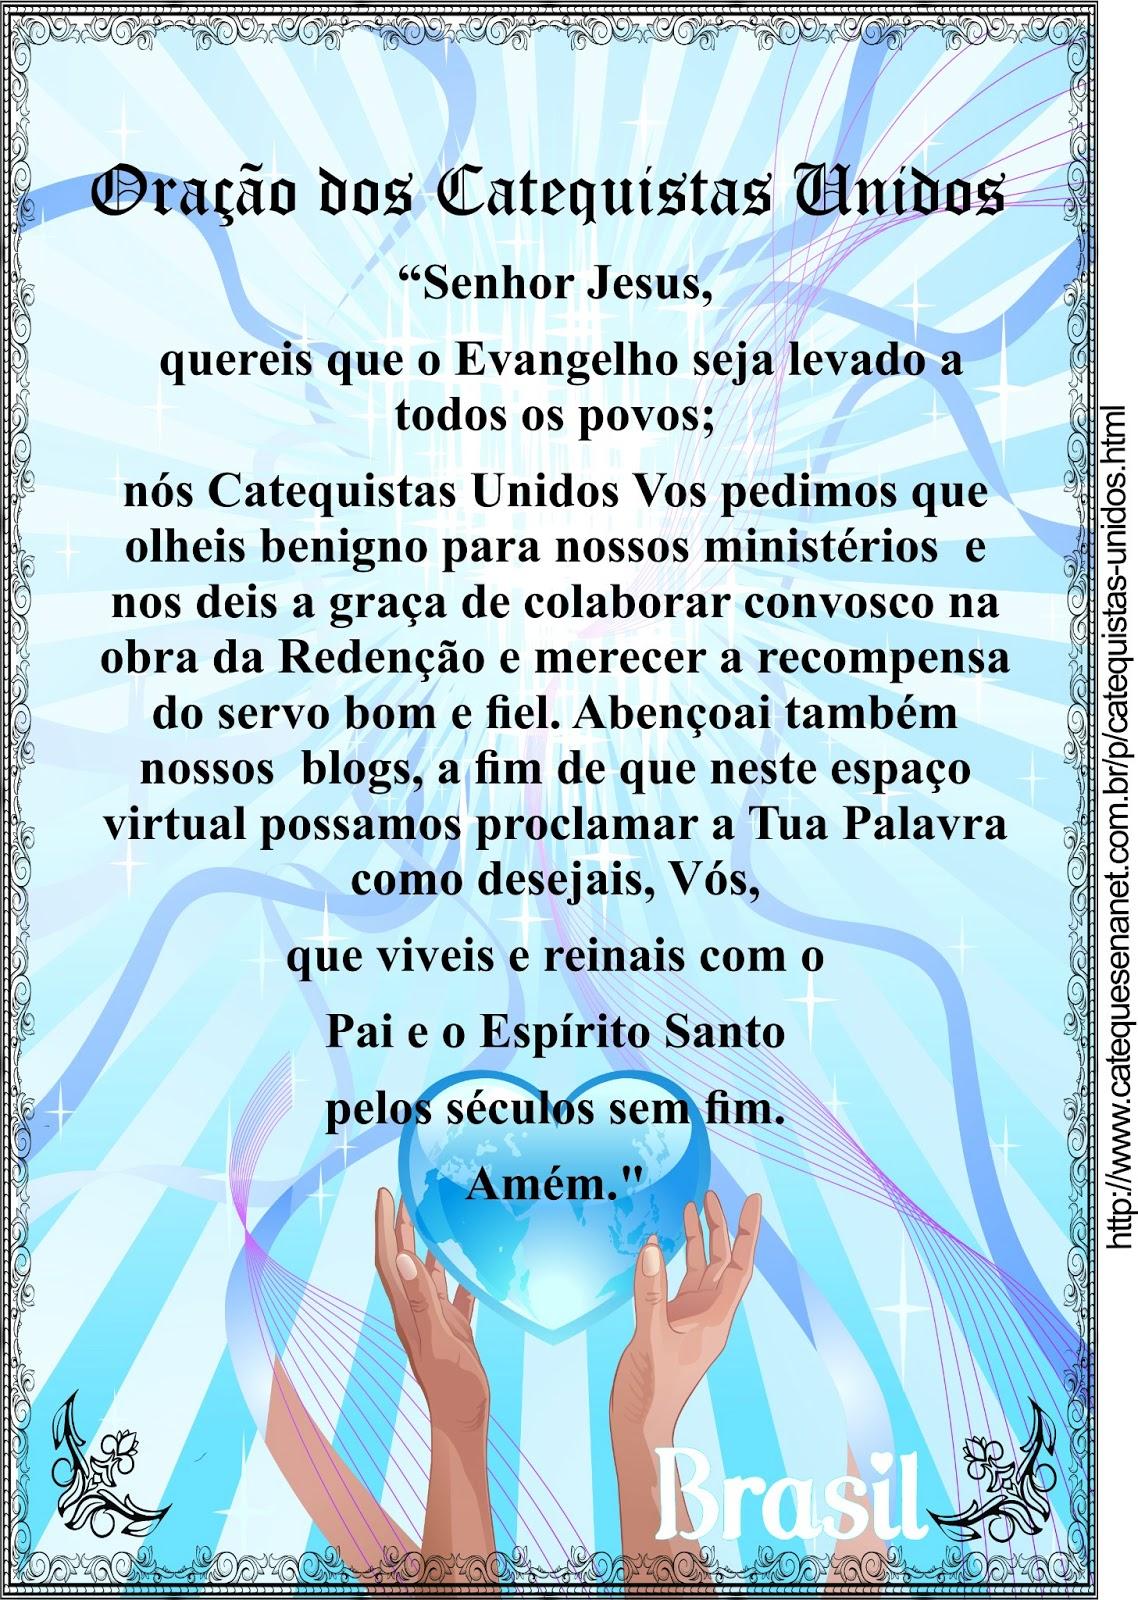 Oração dos Catequistas Unidos